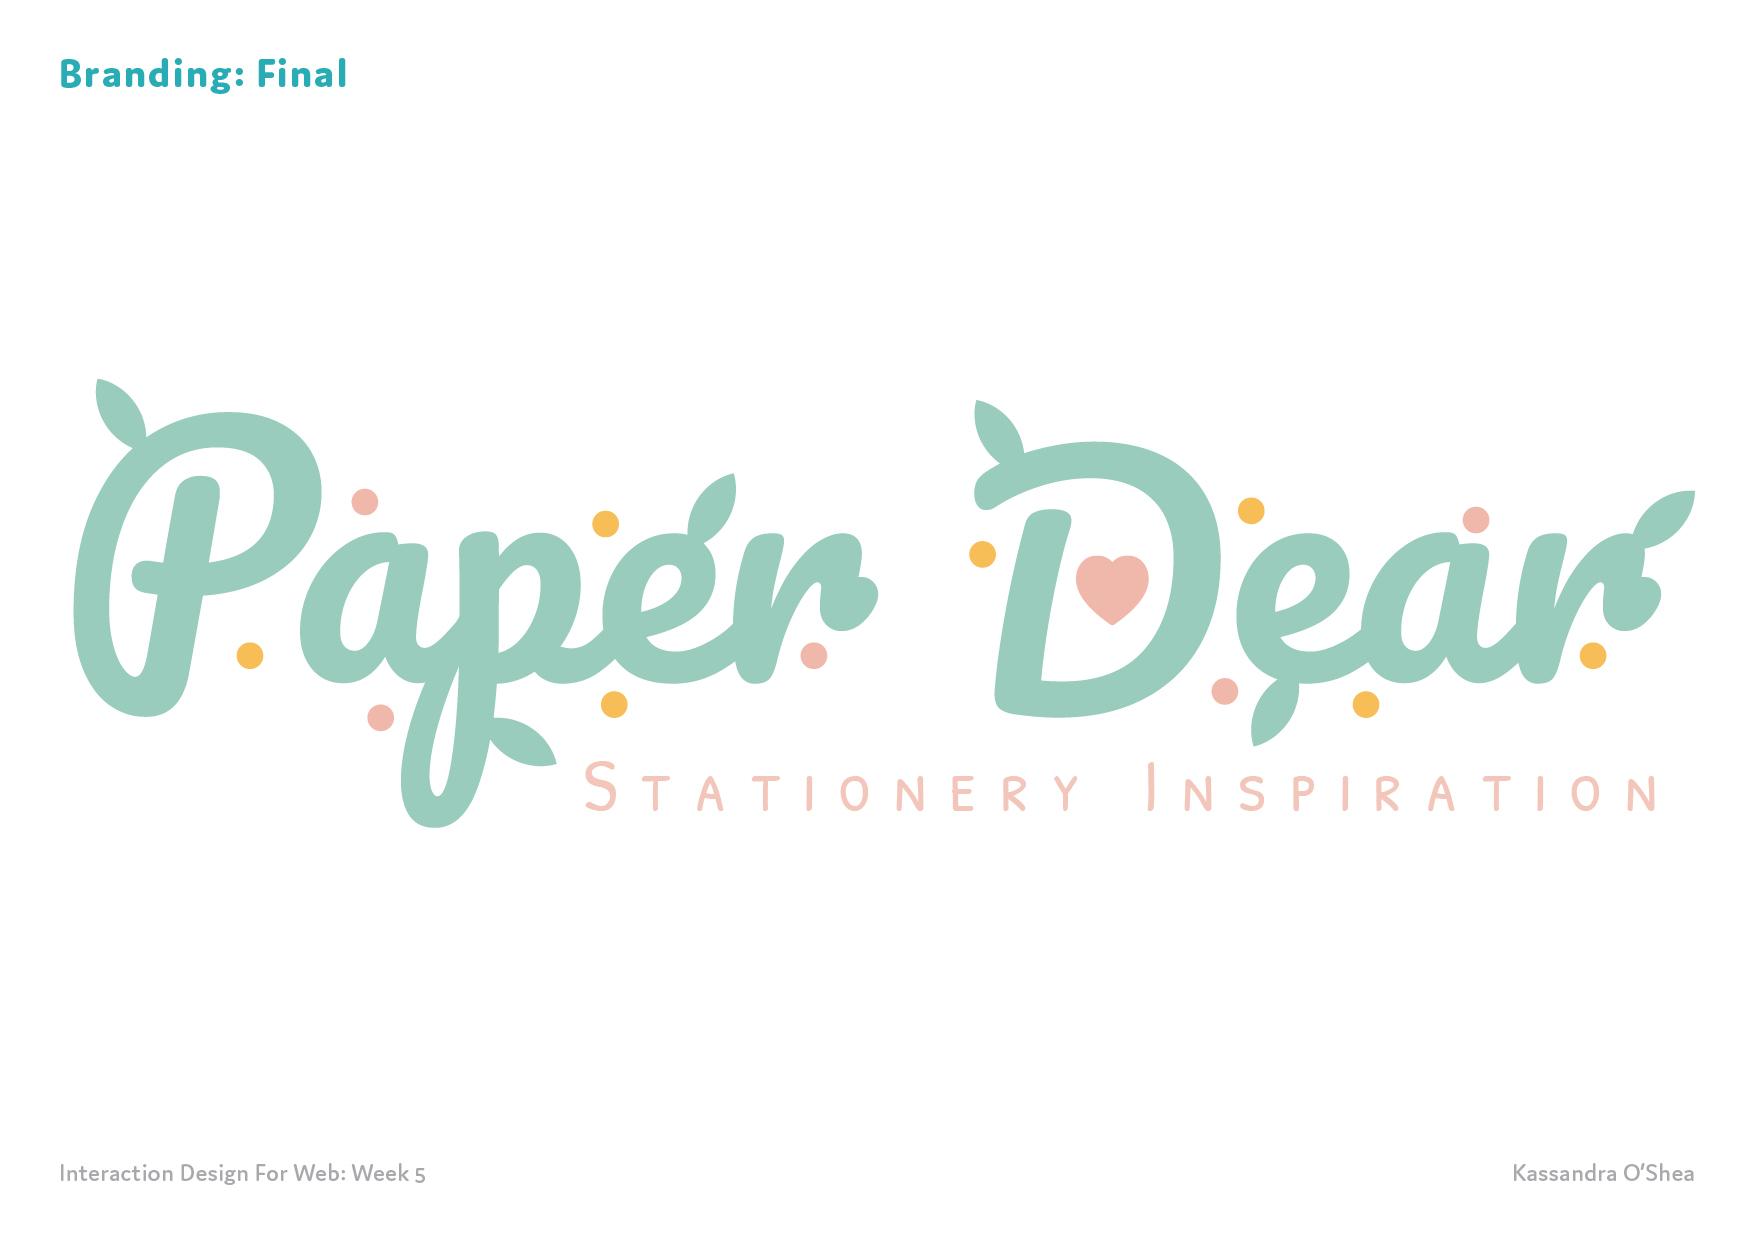 Branding: Final